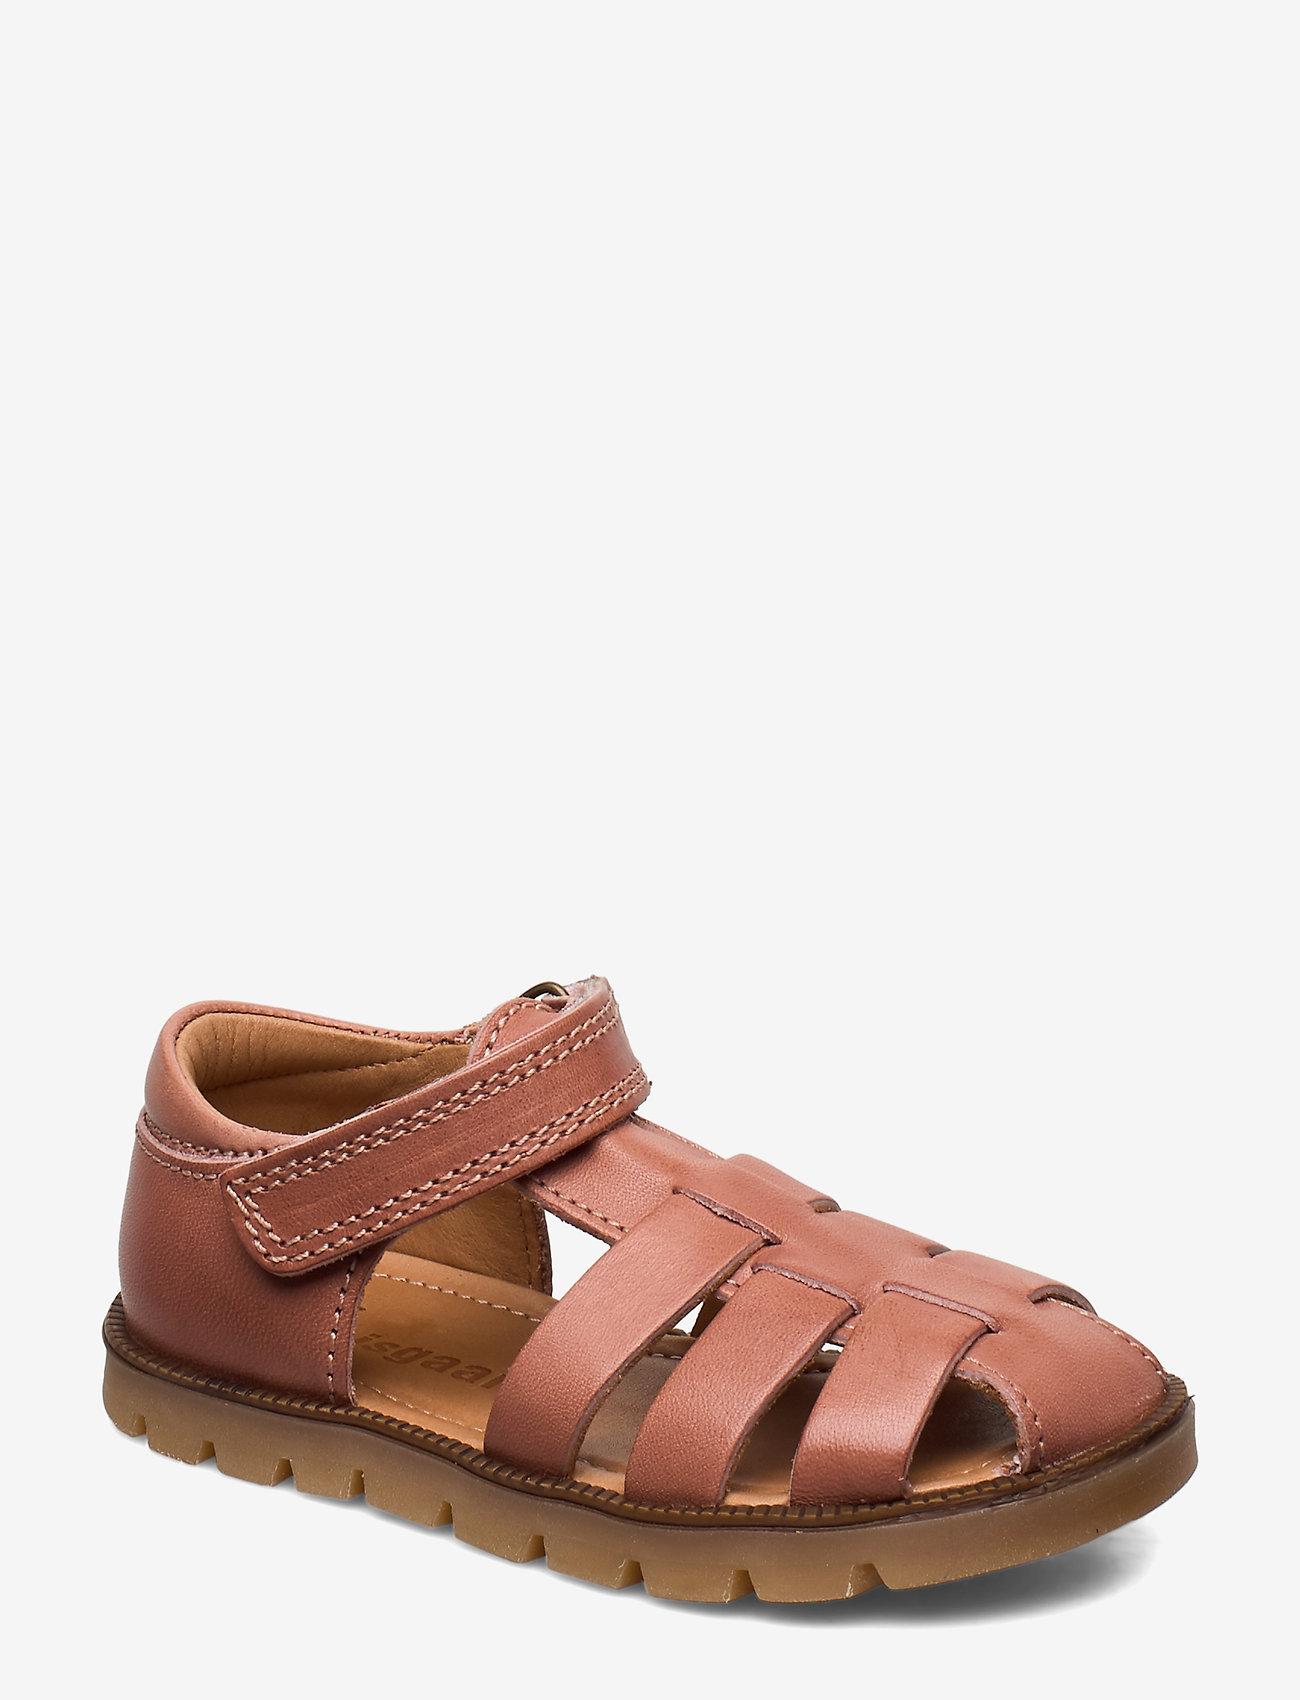 Bisgaard - bisgaard beka - sandals - nude